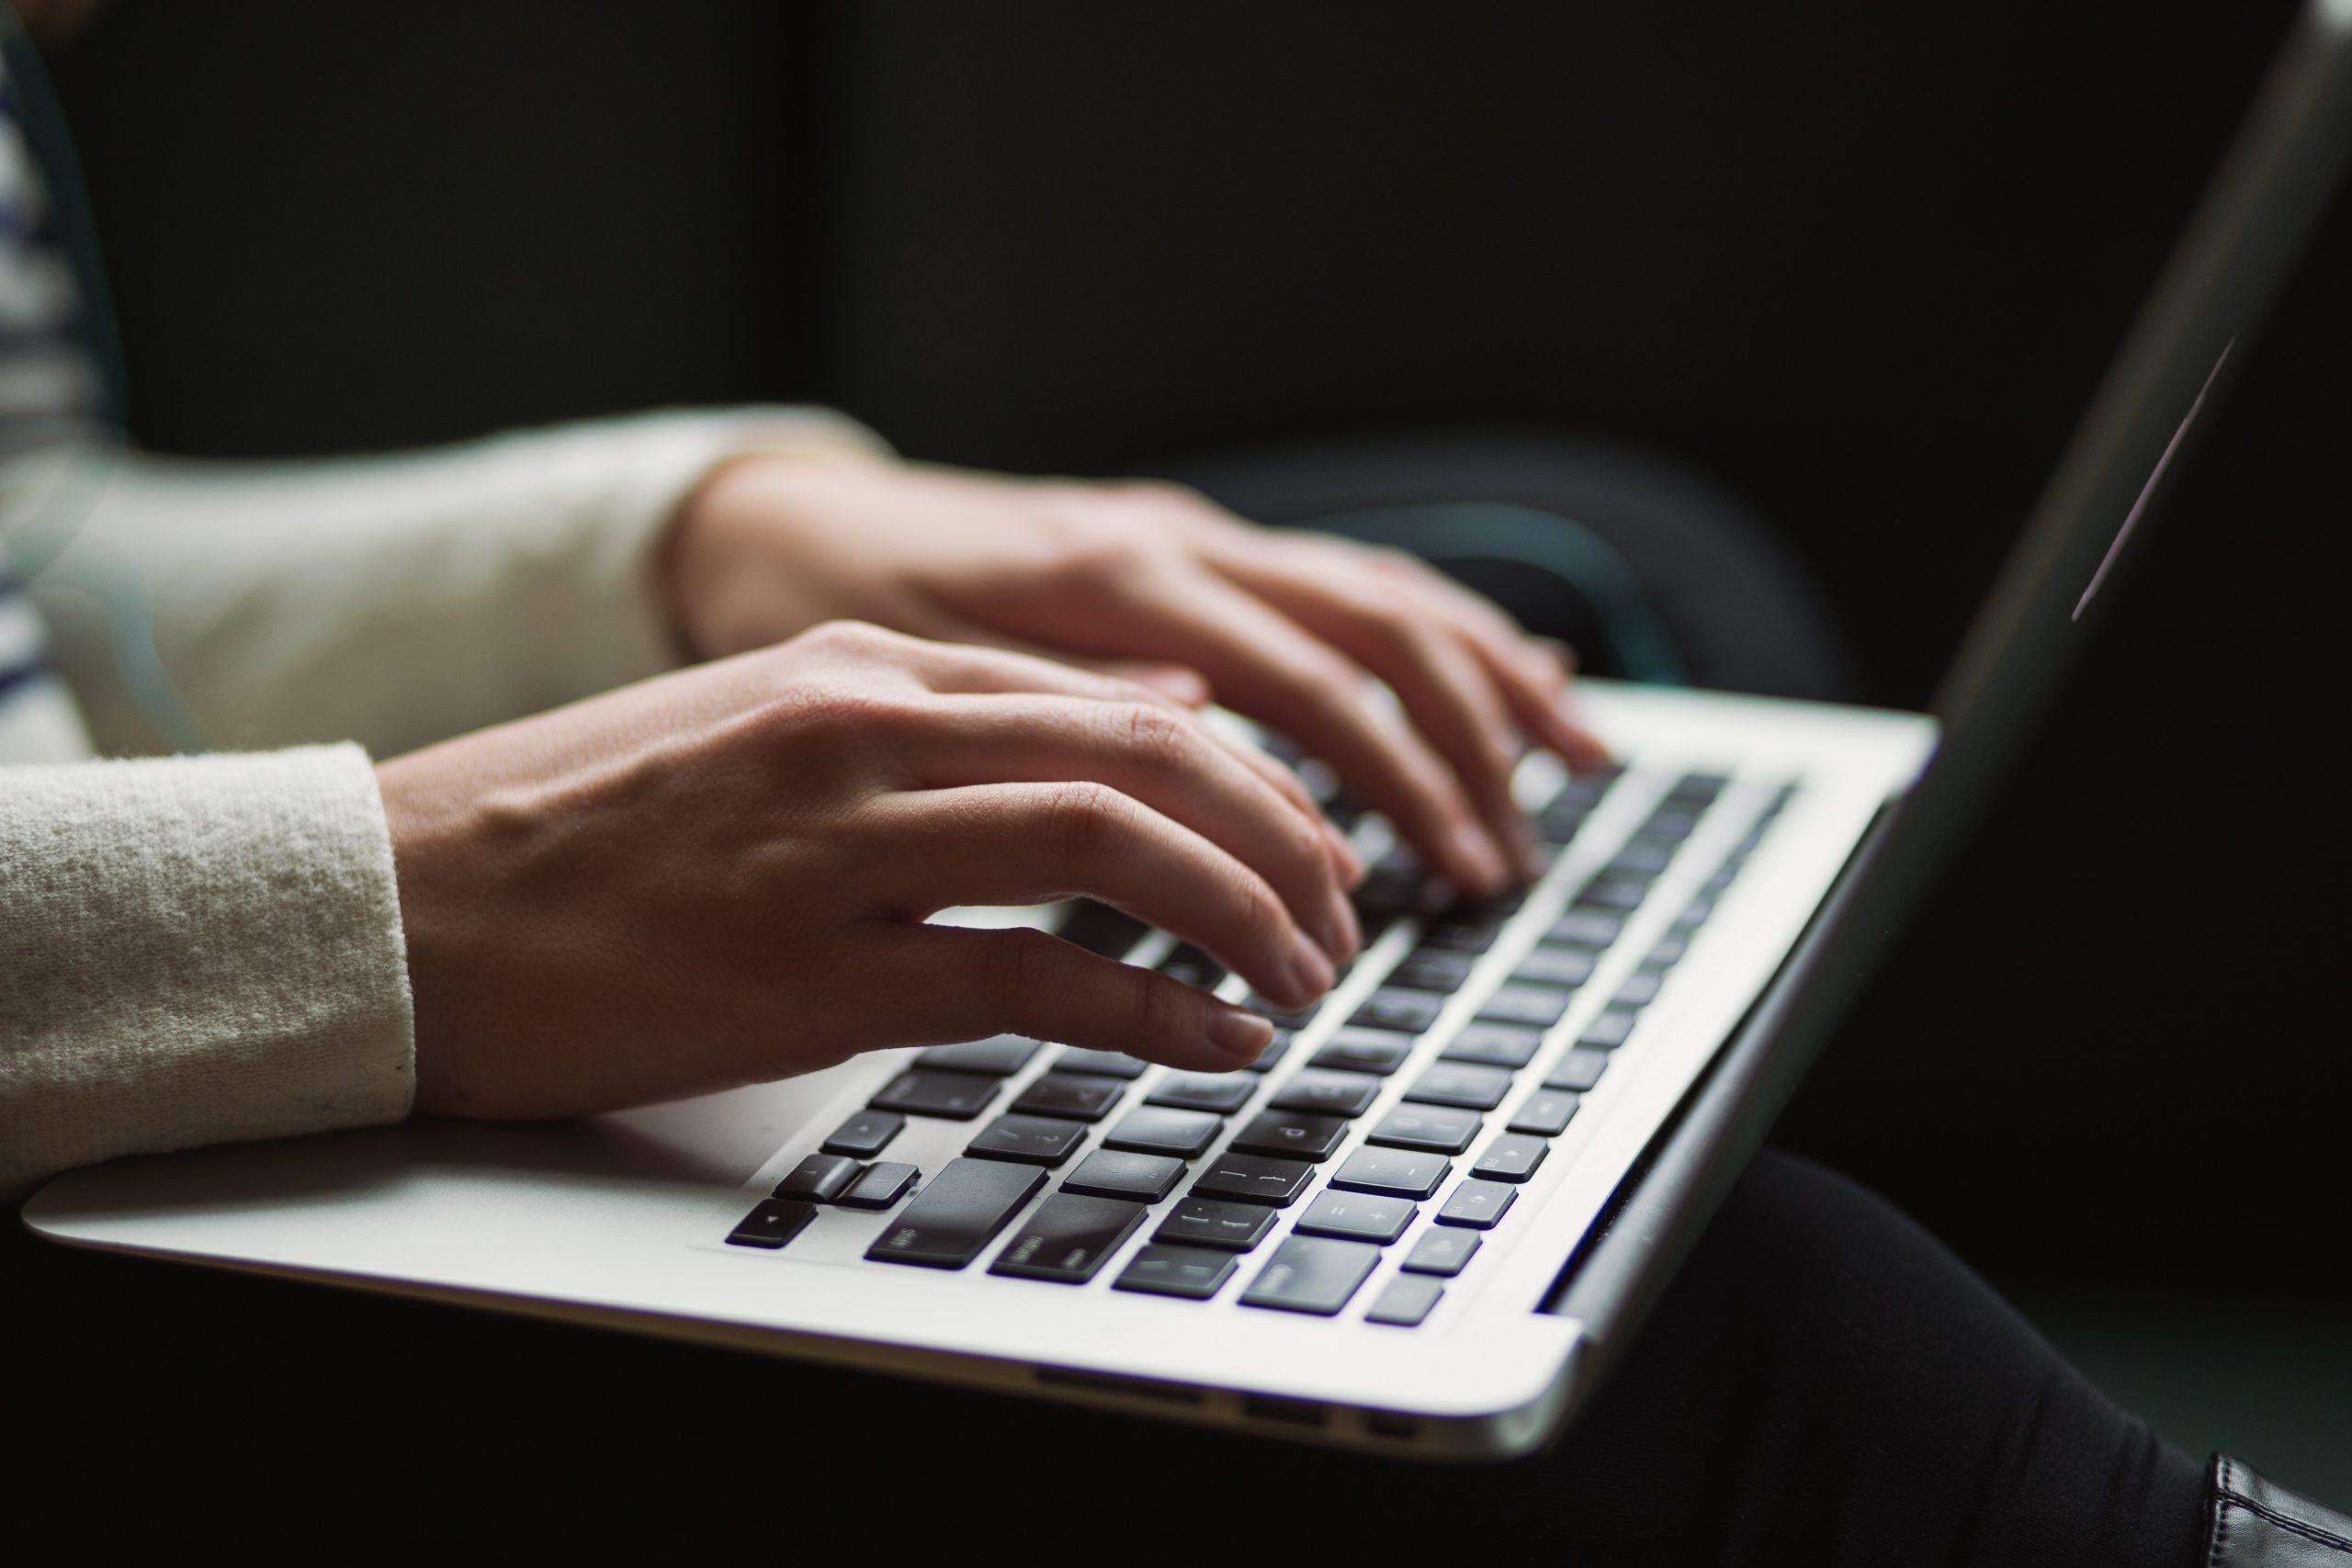 パソコンを打つ指の画像